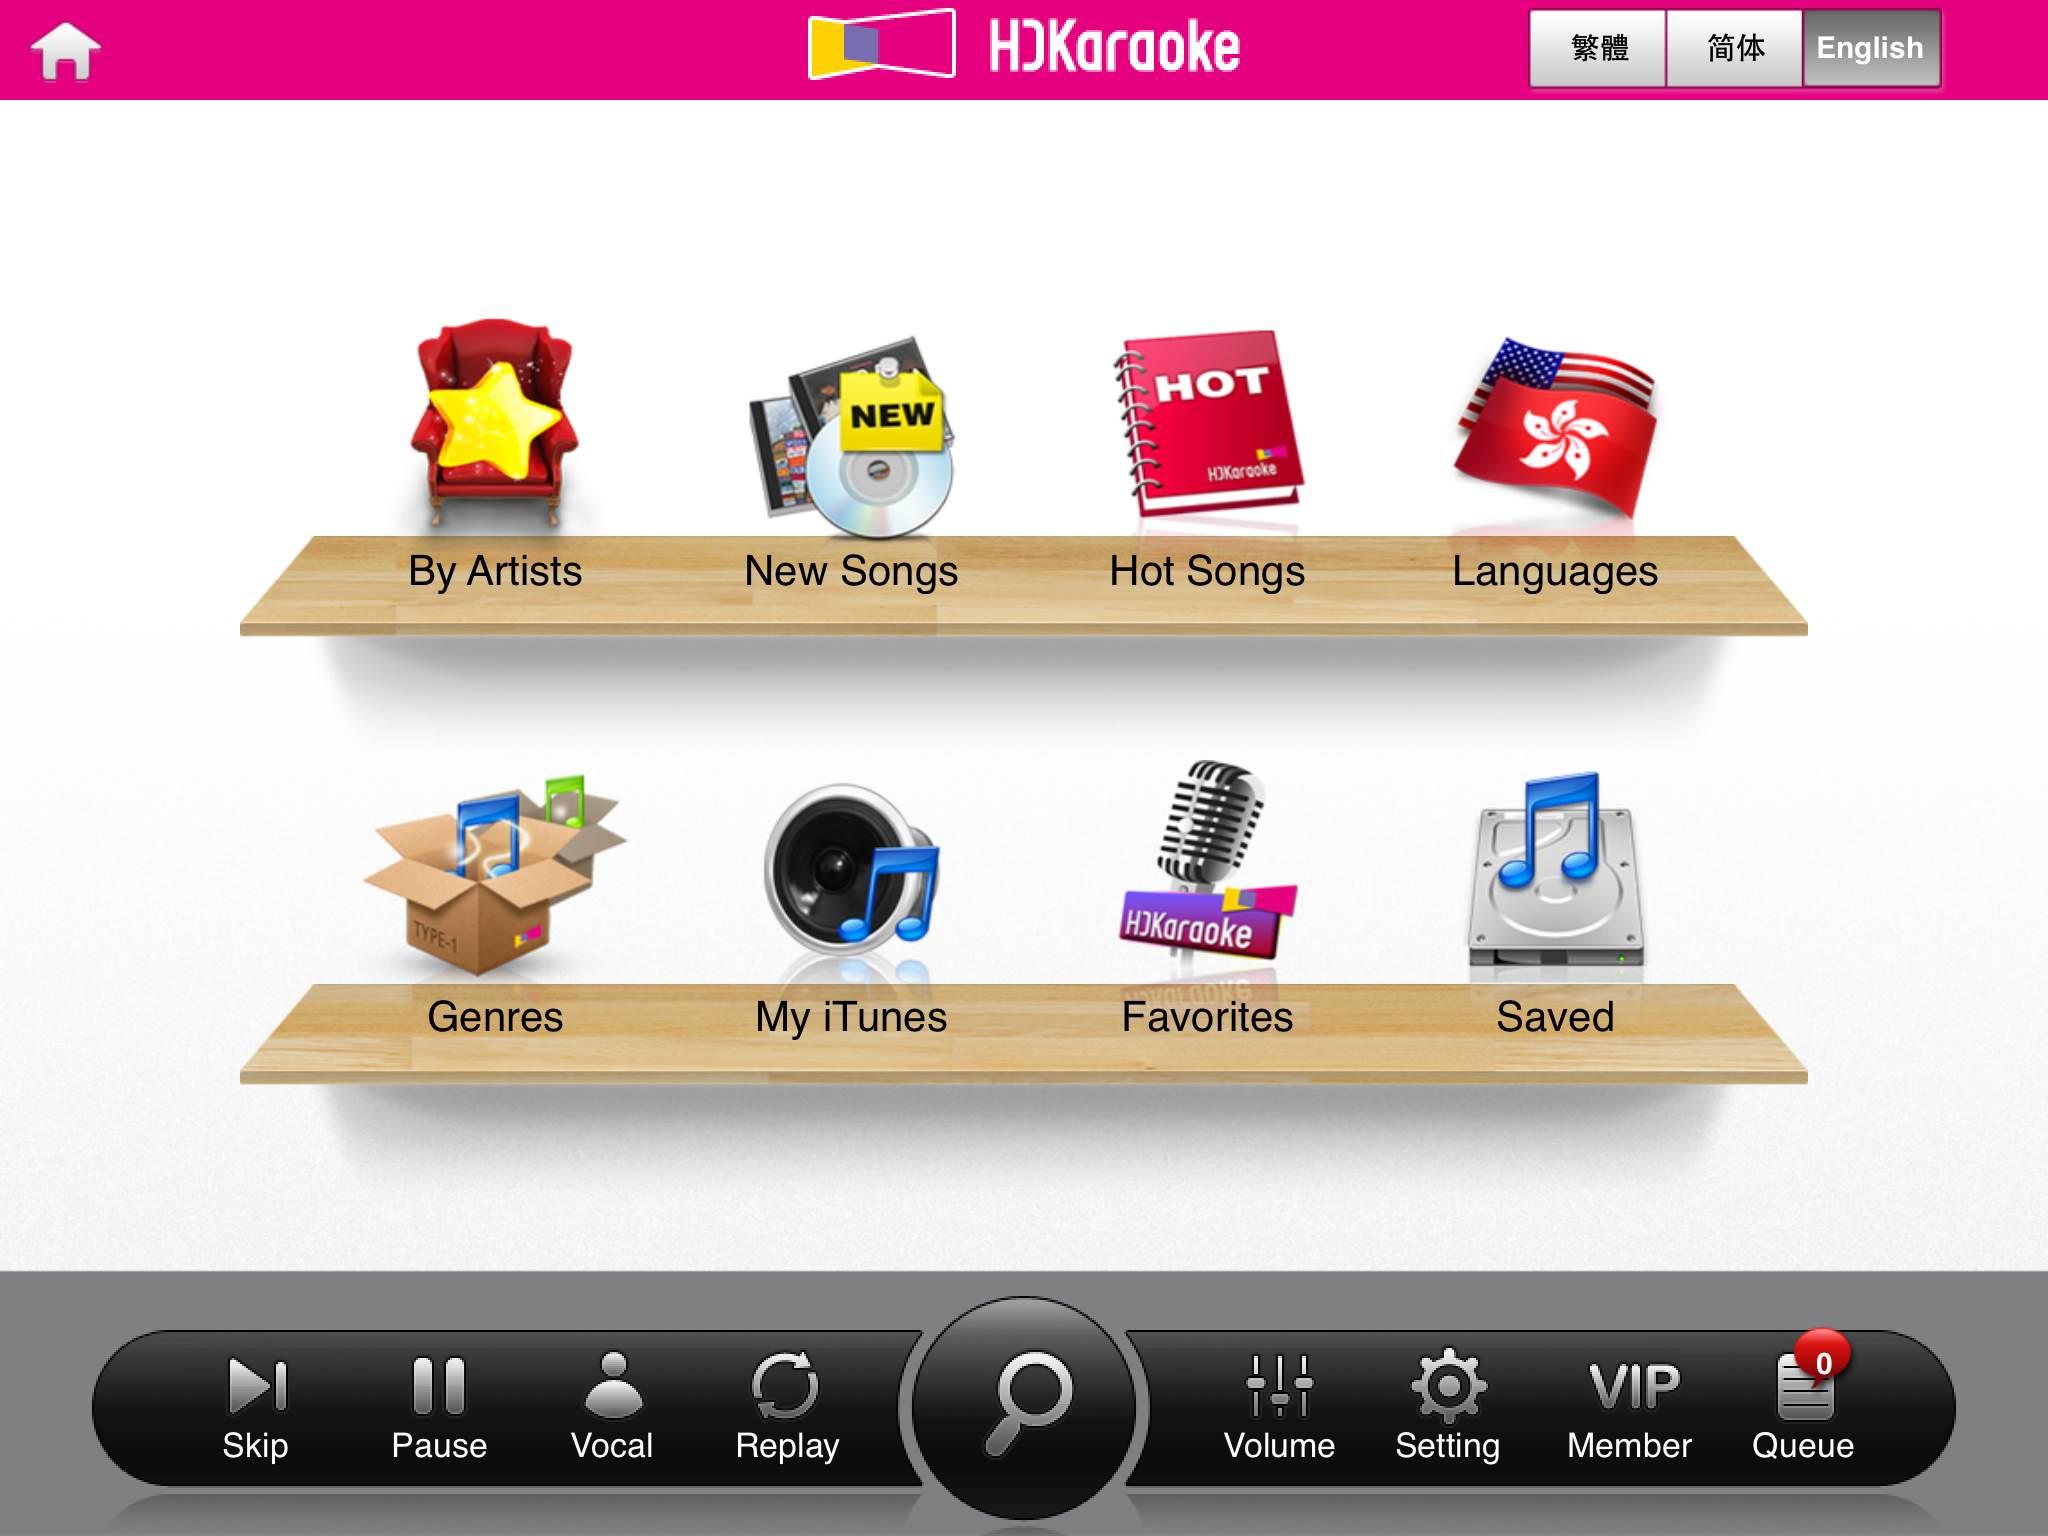 App Control - HDKaraoke - The Smartest Streaming Karaoke